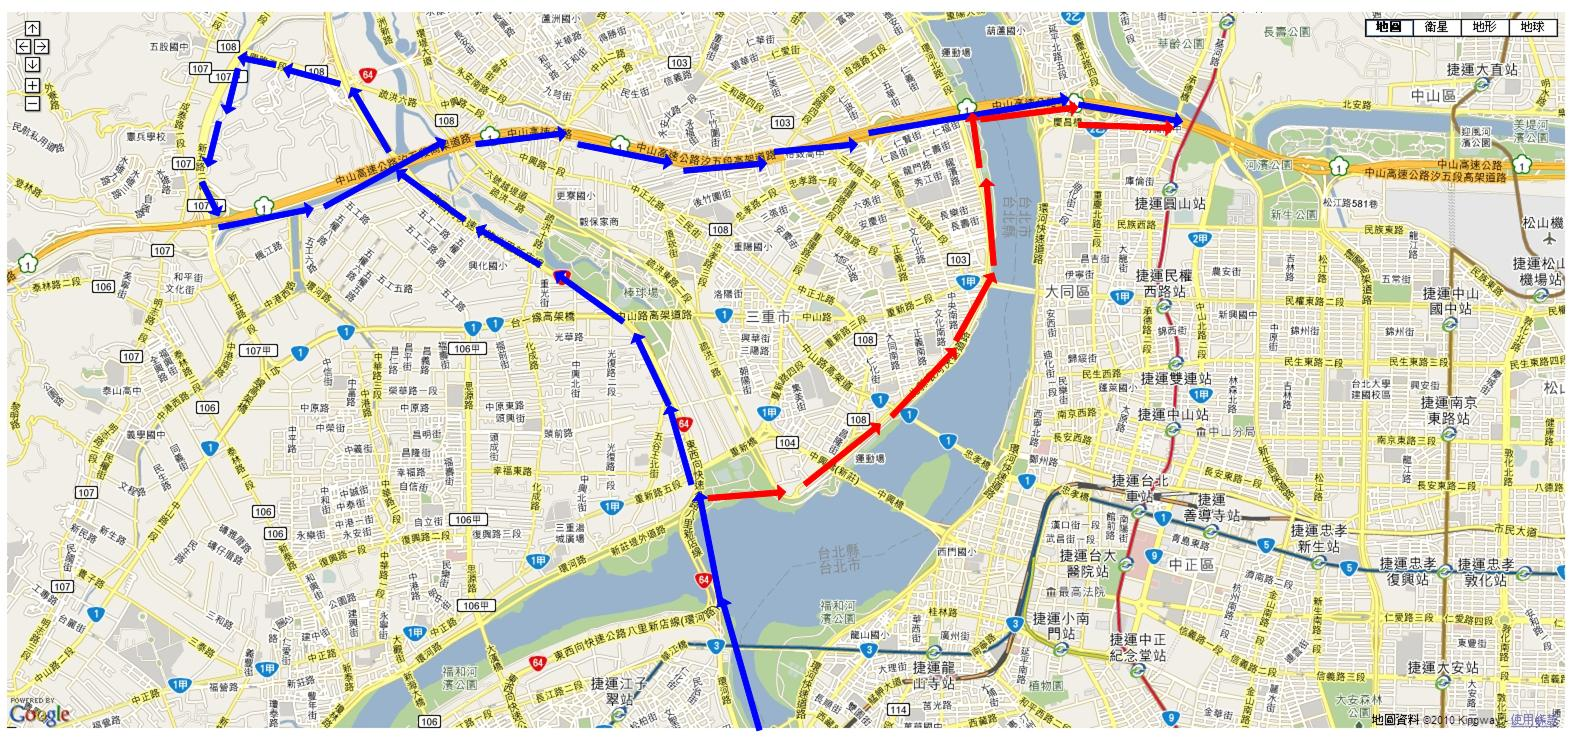 FEBON: 利用新北環河快速道路。板橋中和到內湖南港開車方法